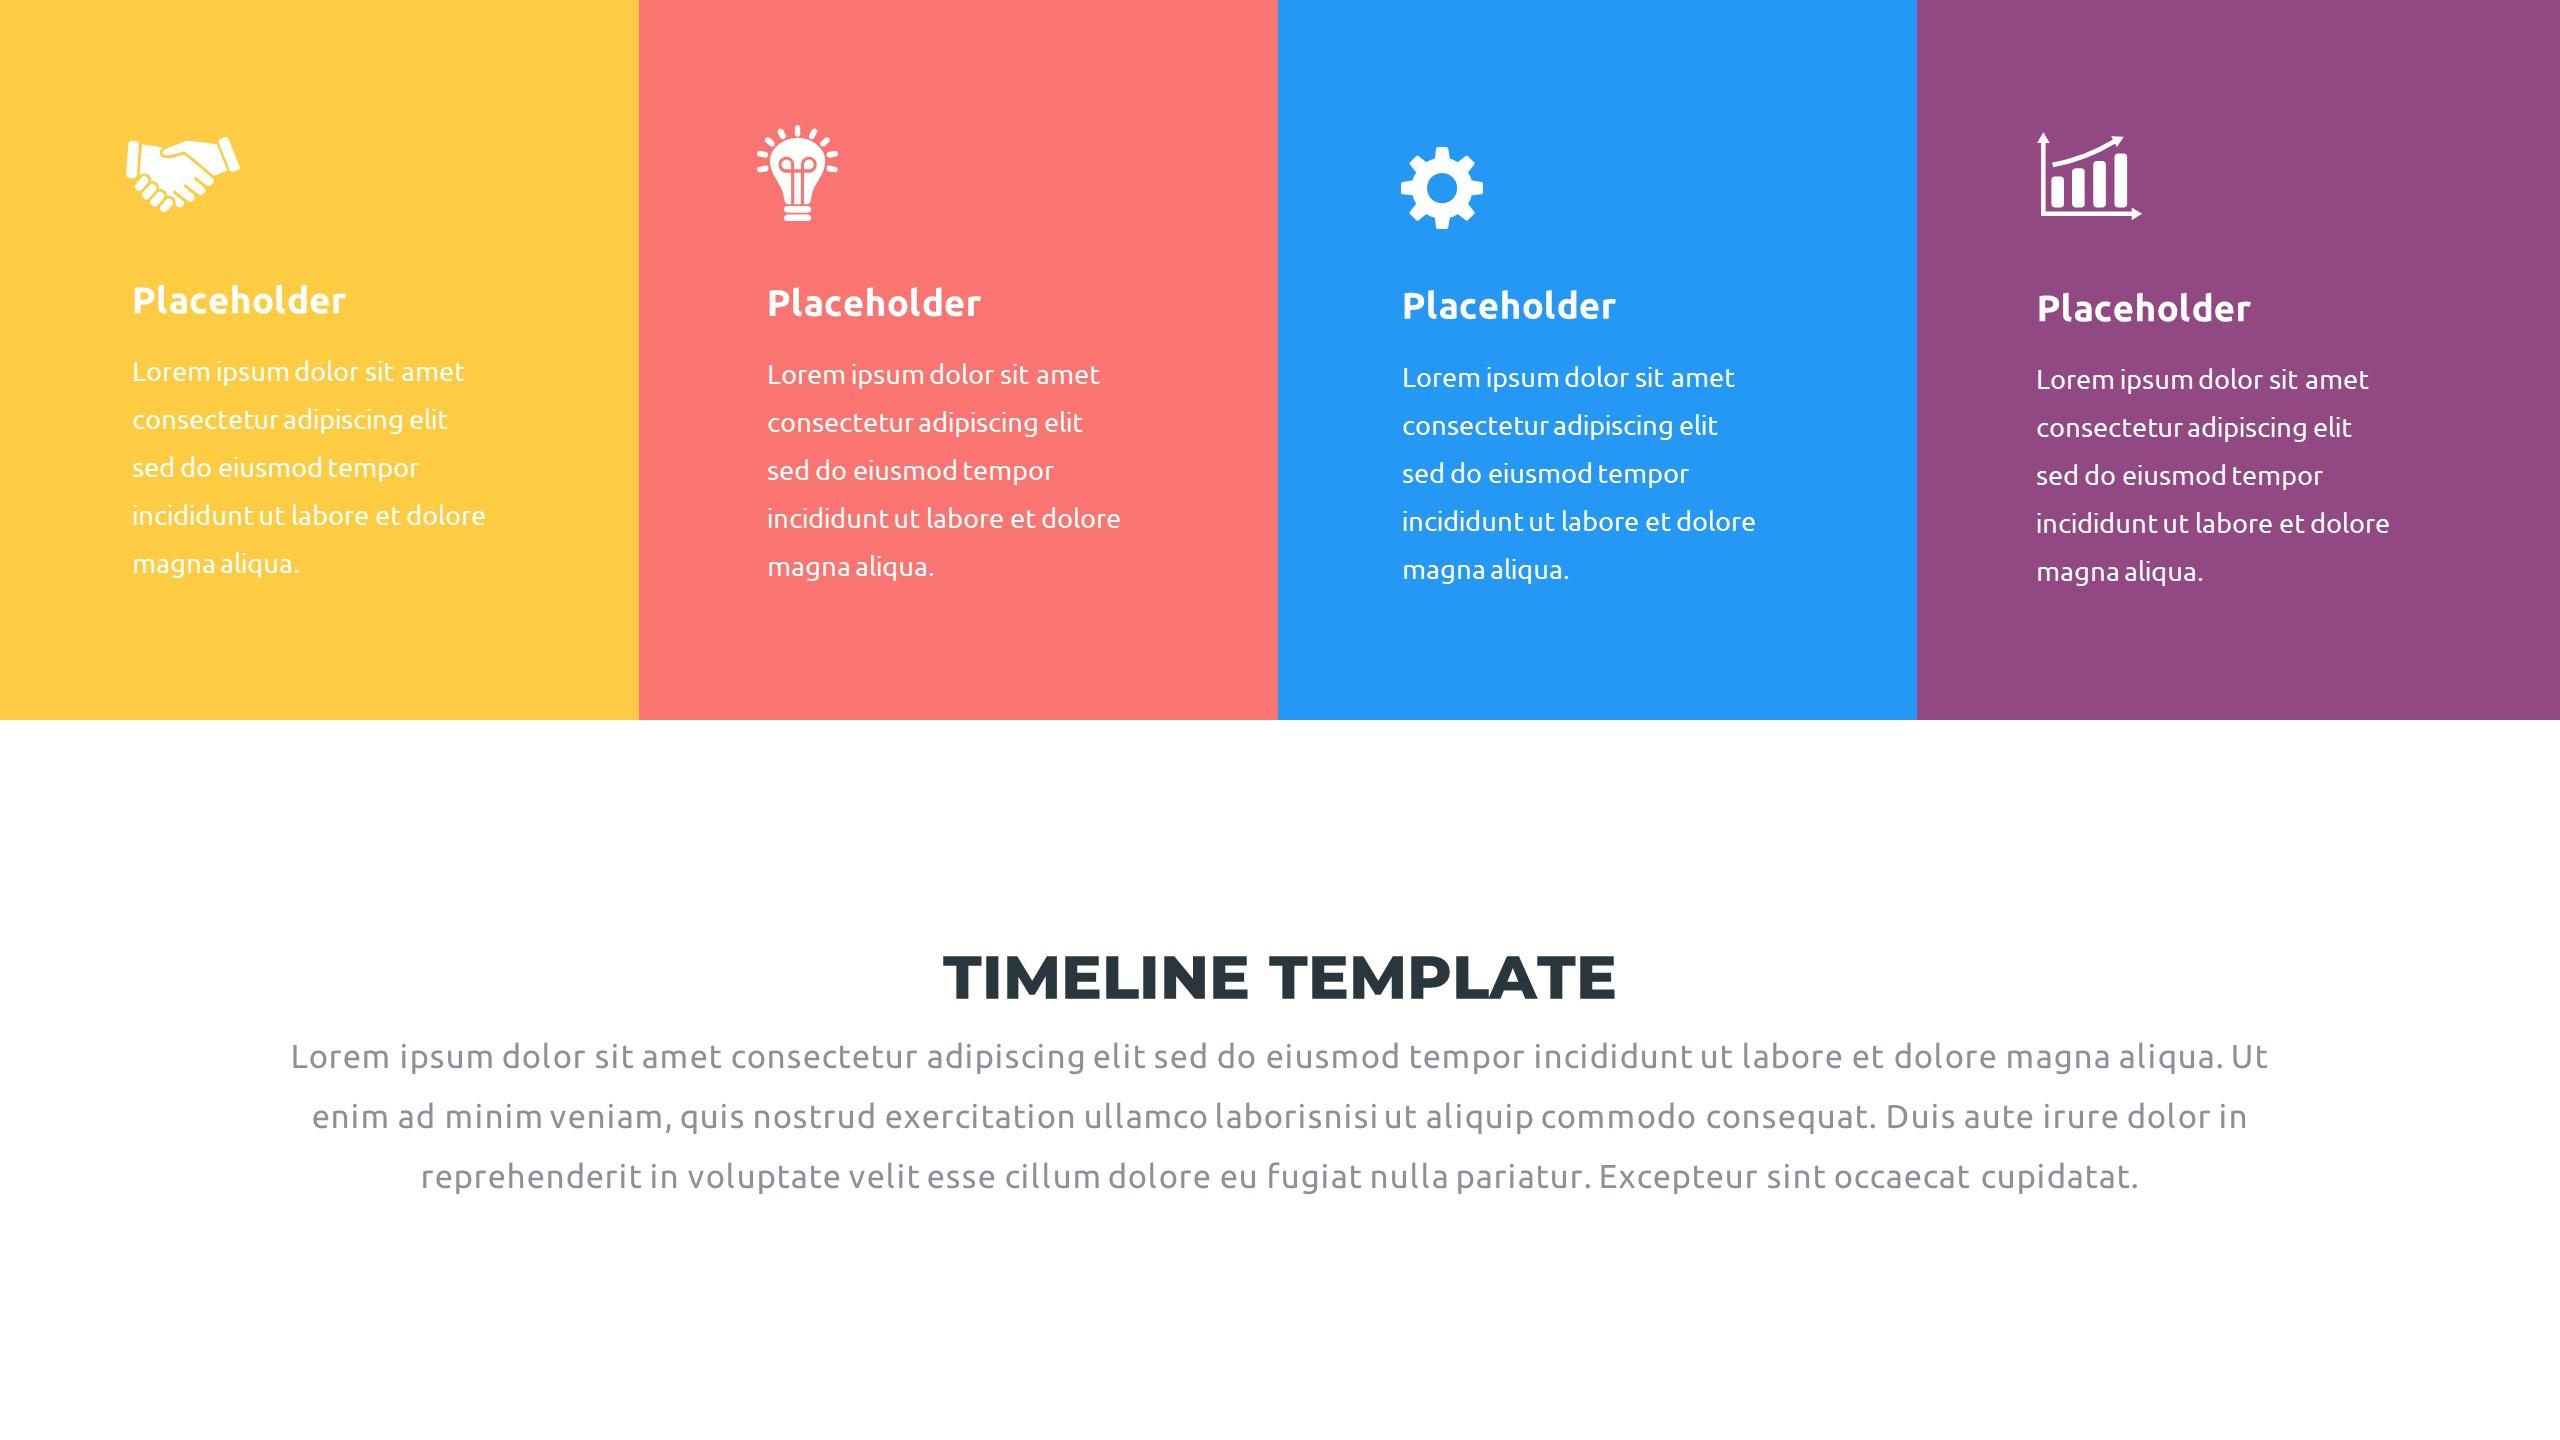 36 Timeline Presentation Templates: Powerpoint, Google Slides, Keynote - Slide17